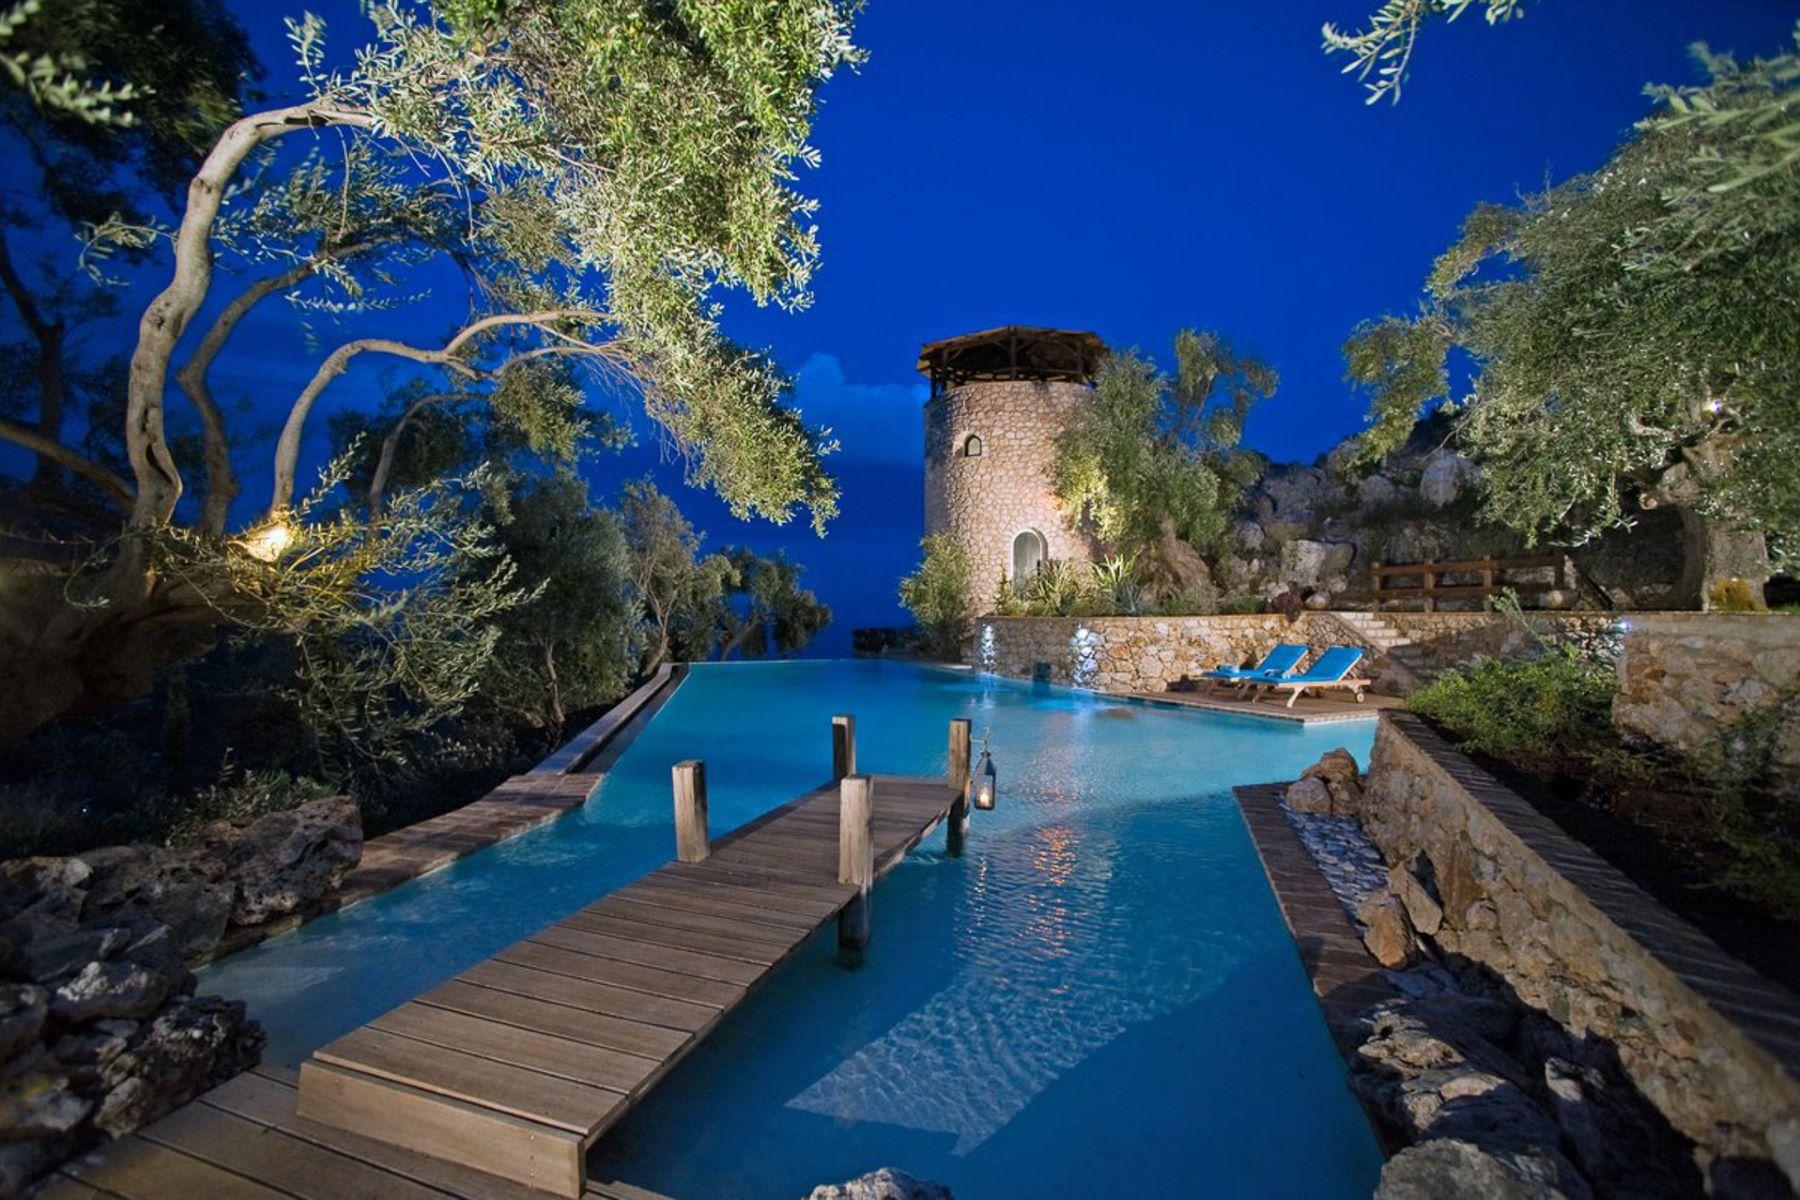 Частный односемейный дом для того Продажа на Del Cielo Spartylas Del Cielo, Corfu, Ионические Острова, 49100 Греция